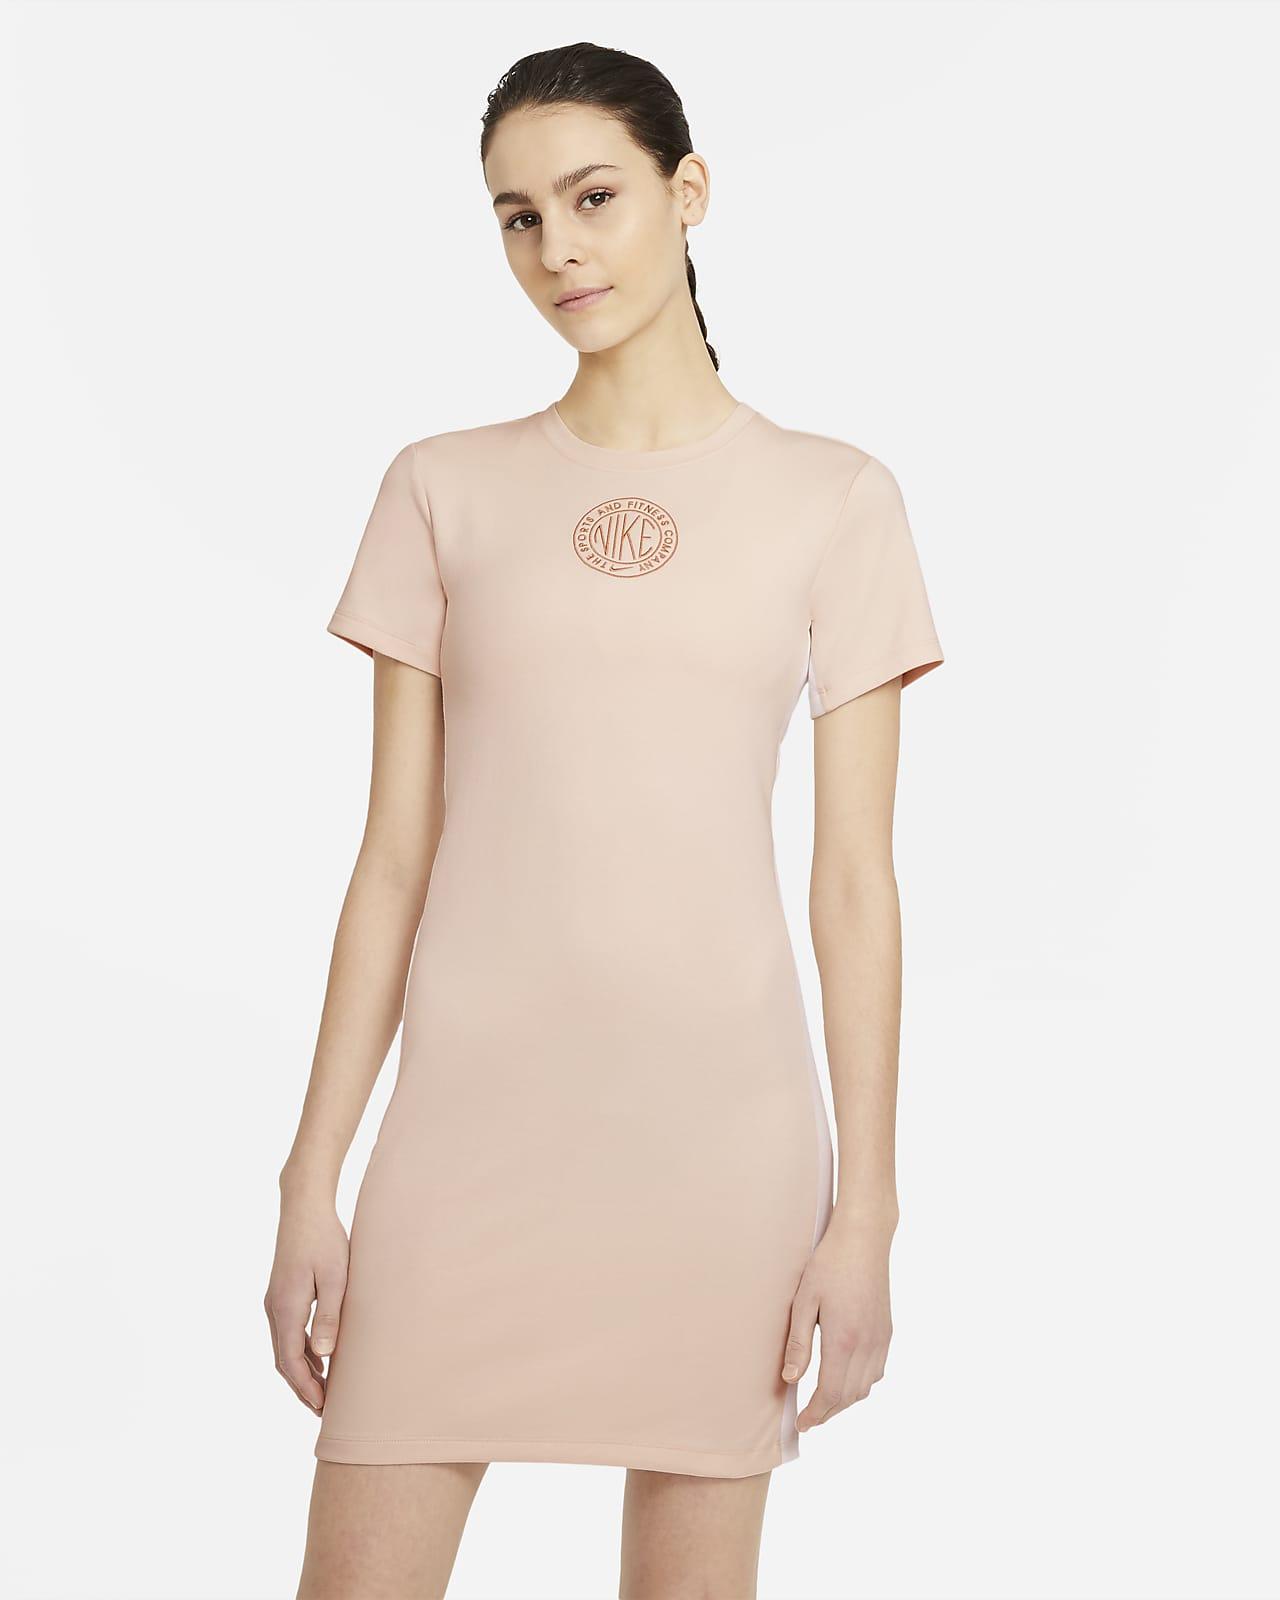 Nike Sportswear Femme Women's Short-Sleeve Dress